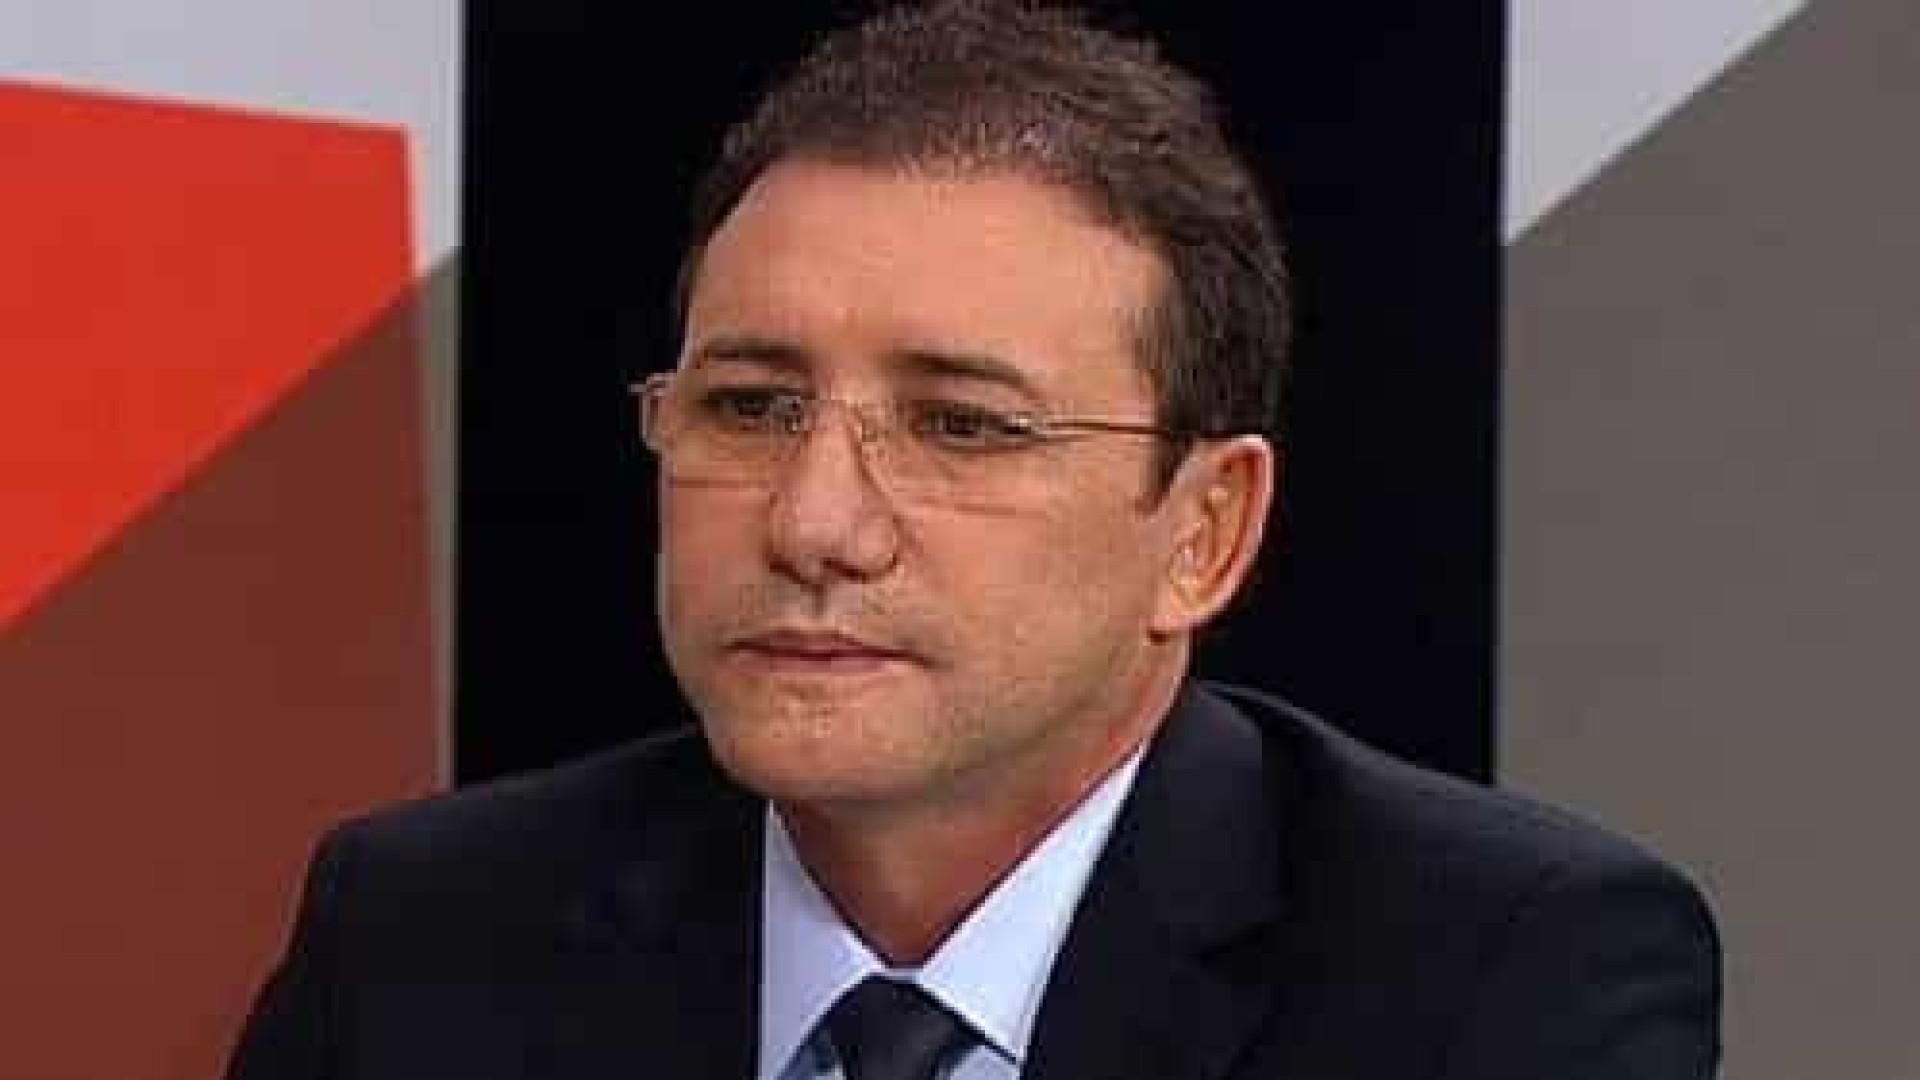 Justiça decreta prisão preventiva de ex-deputado flagrado com R$ 1,9 mi no CE